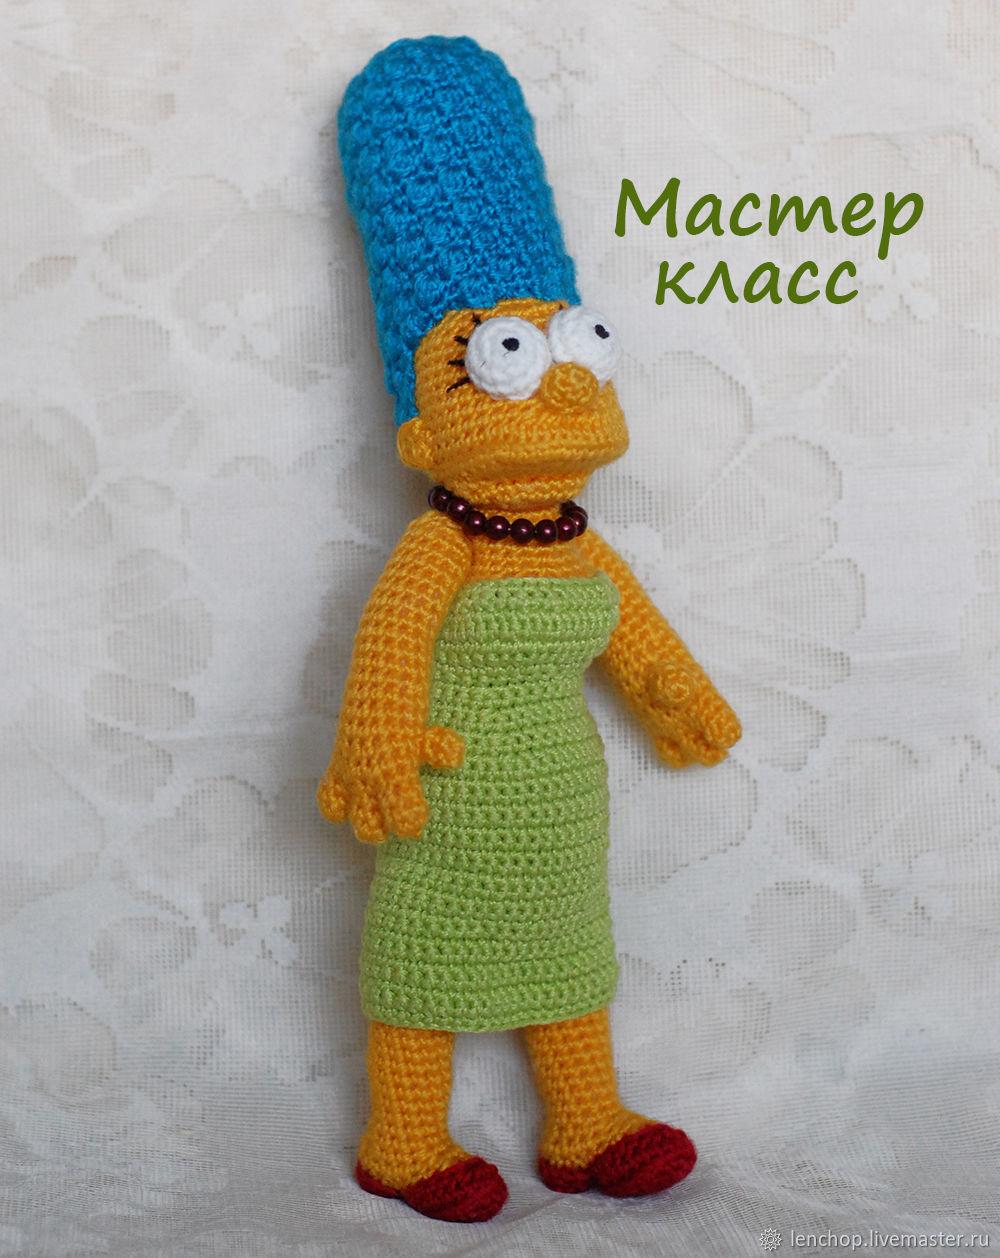 МК по вязанию крючком. Мардж Симпсон. Вязаная кукла. Мультгерой, Схемы для вязания, Барнаул,  Фото №1